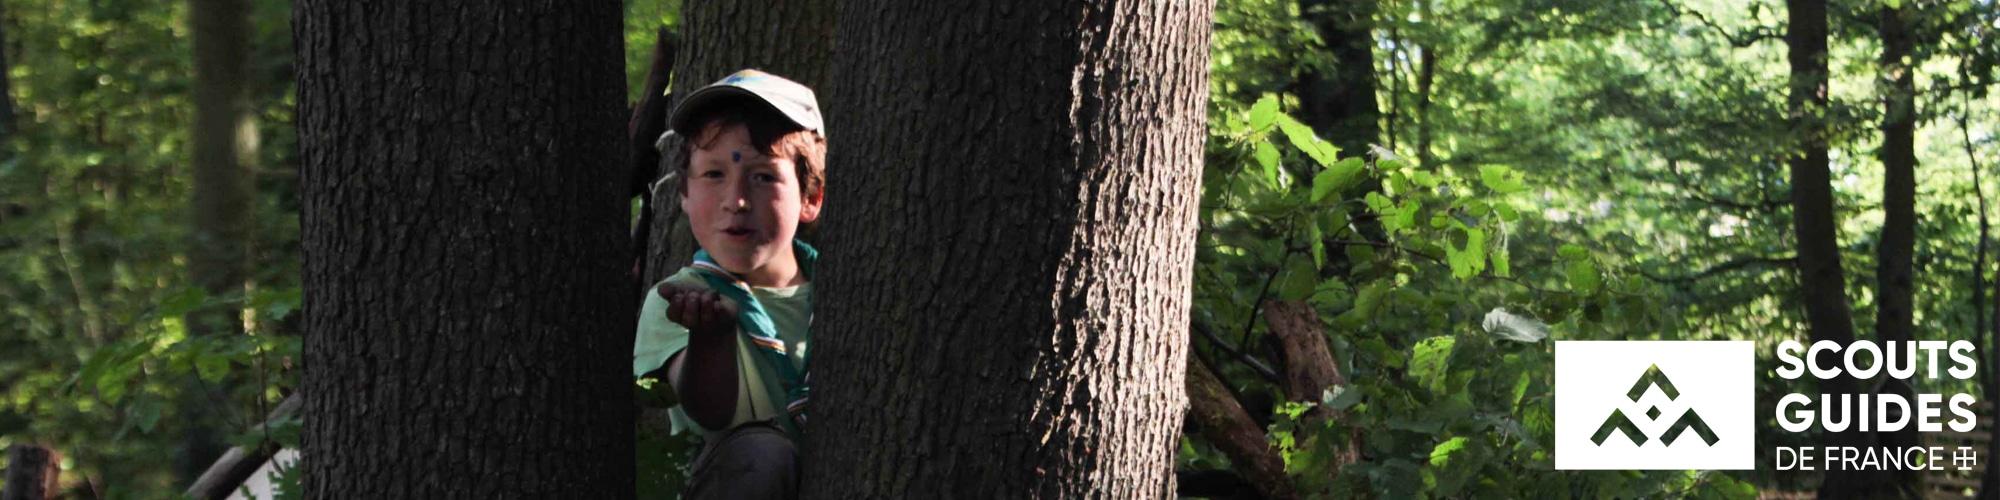 Le Scoutisme Grandeur Nature